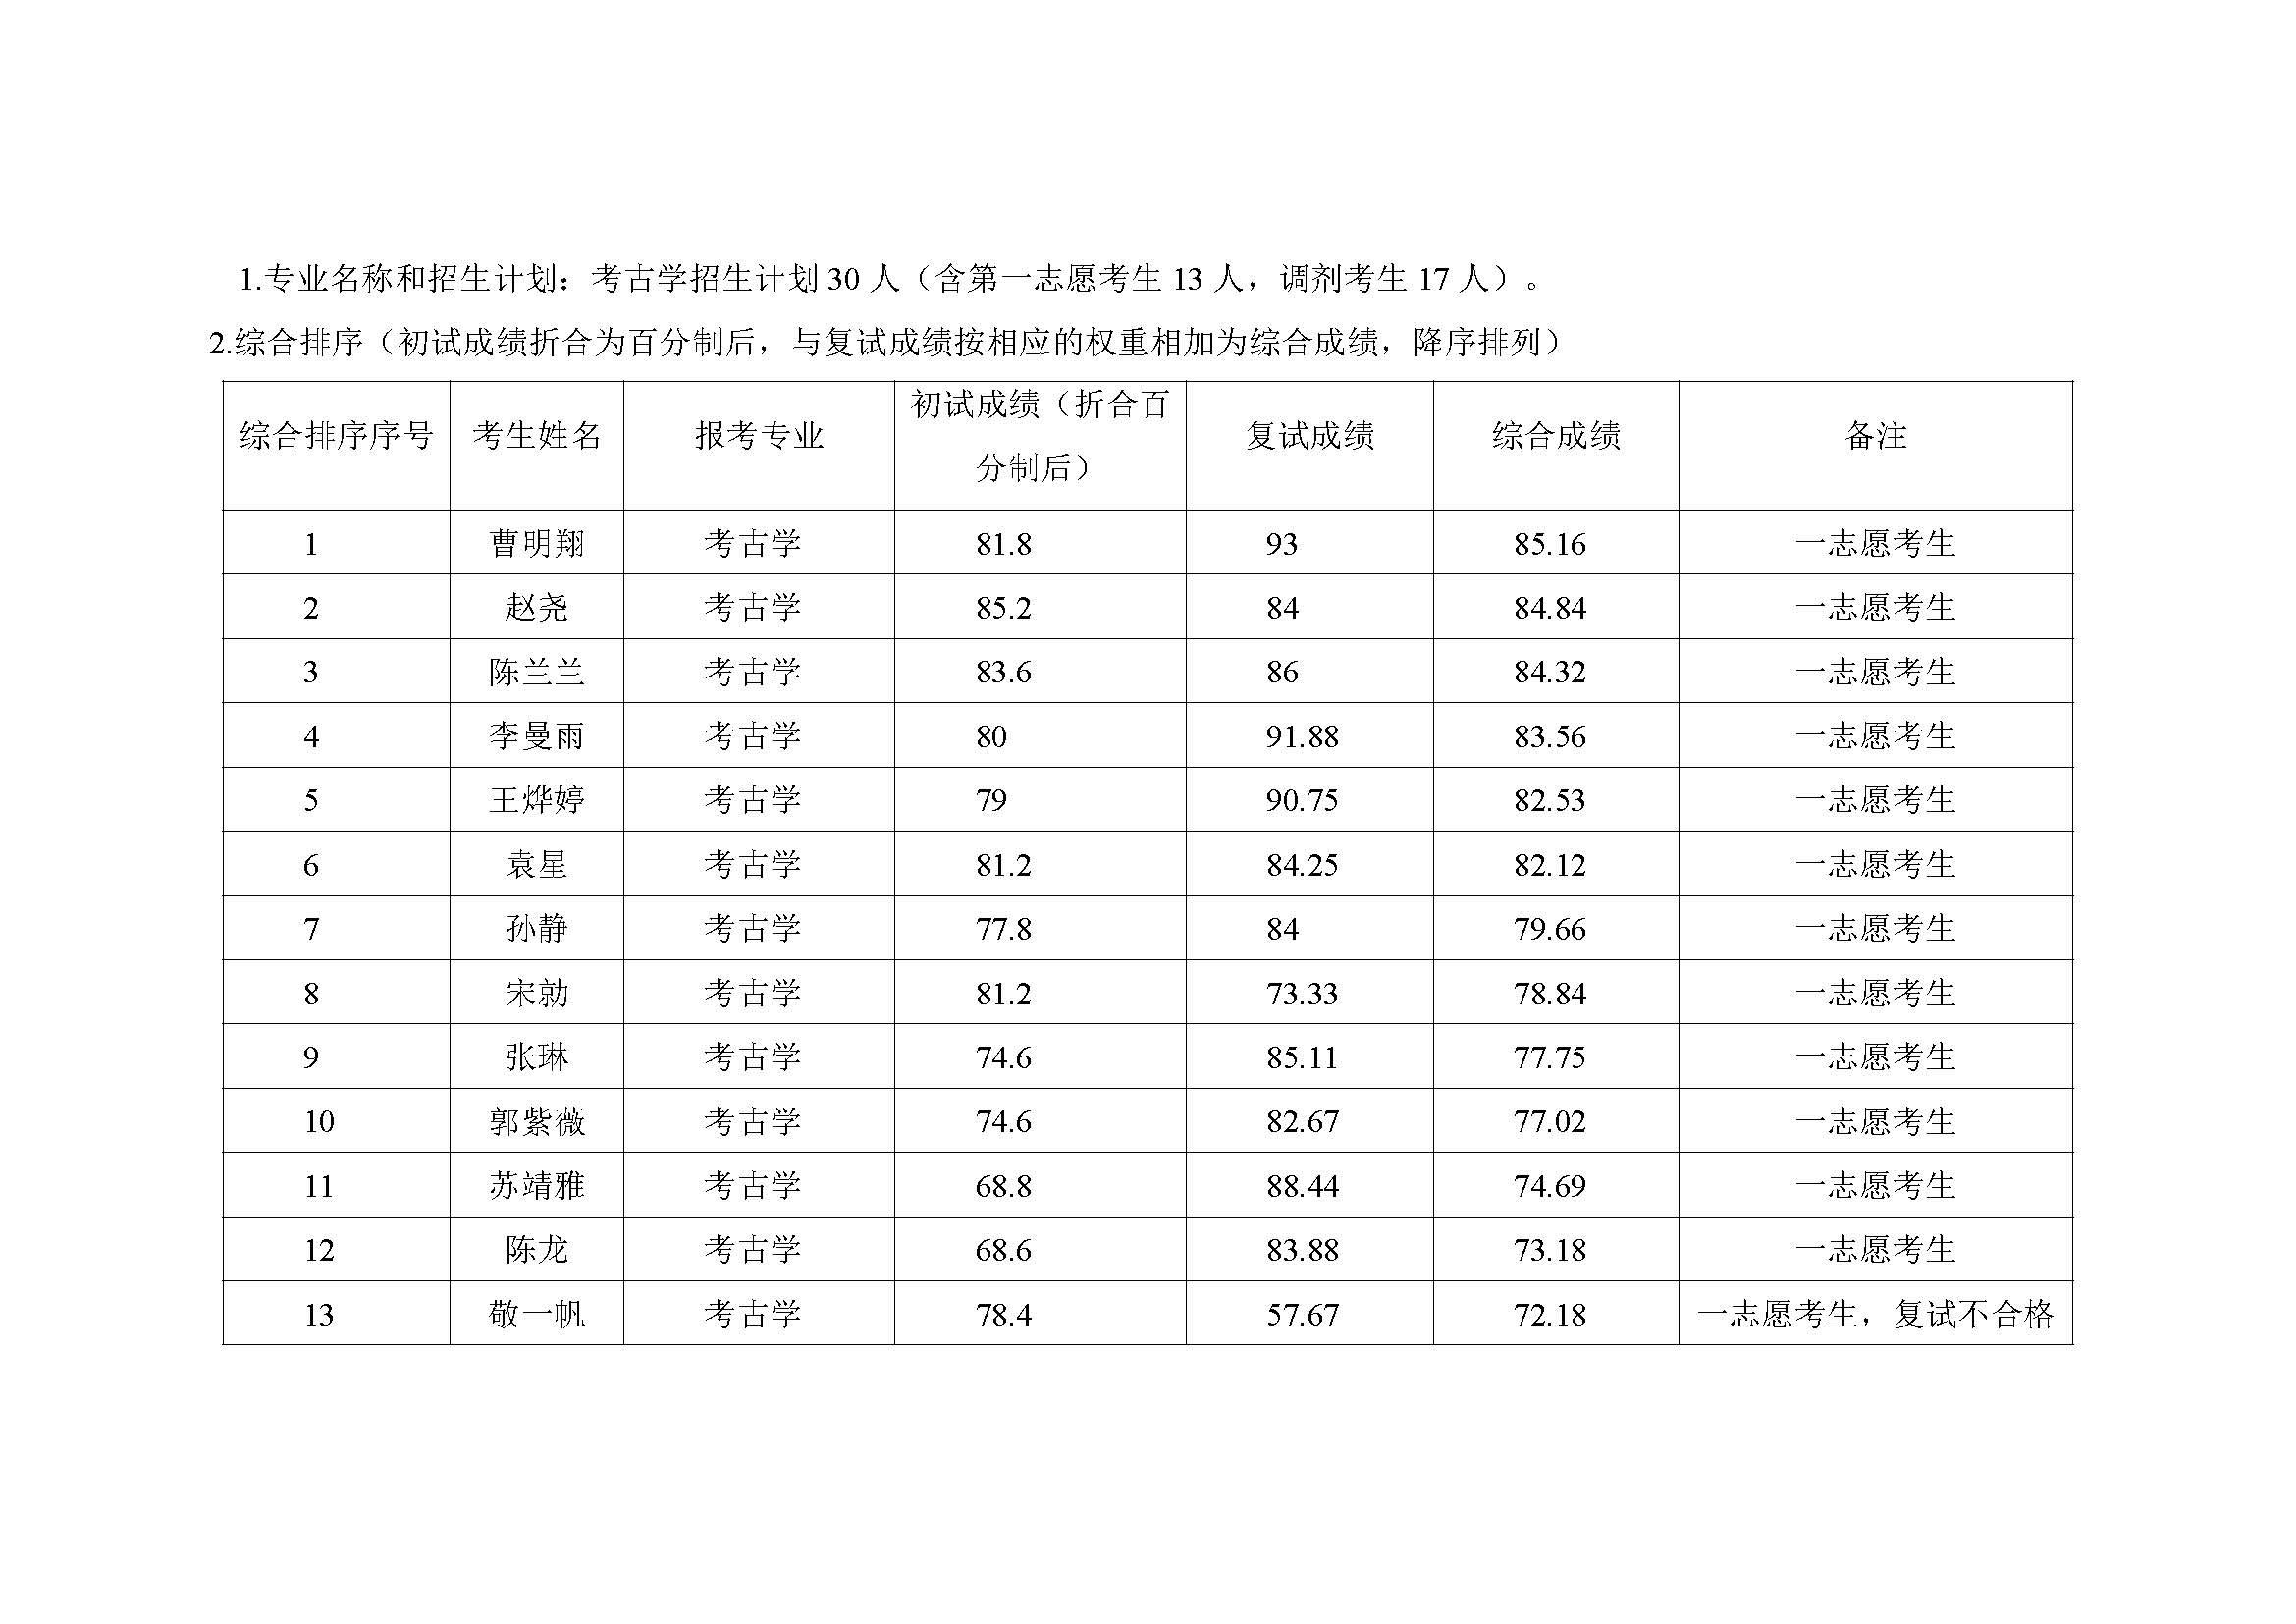 郑州大学历史学院2021年考古学硕士研究生复试结果综合排序公示表_页面_1.jpg